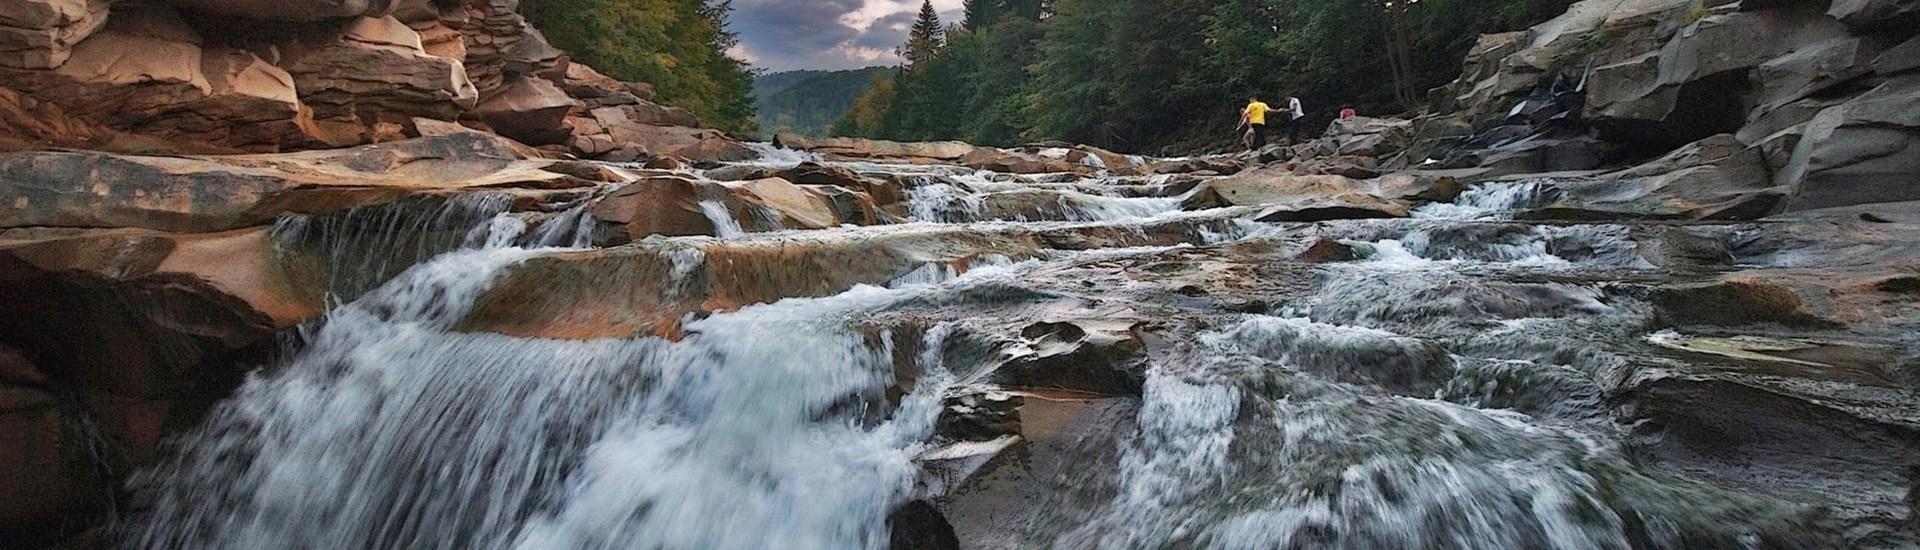 Картинки по запросу яремче водопад зима